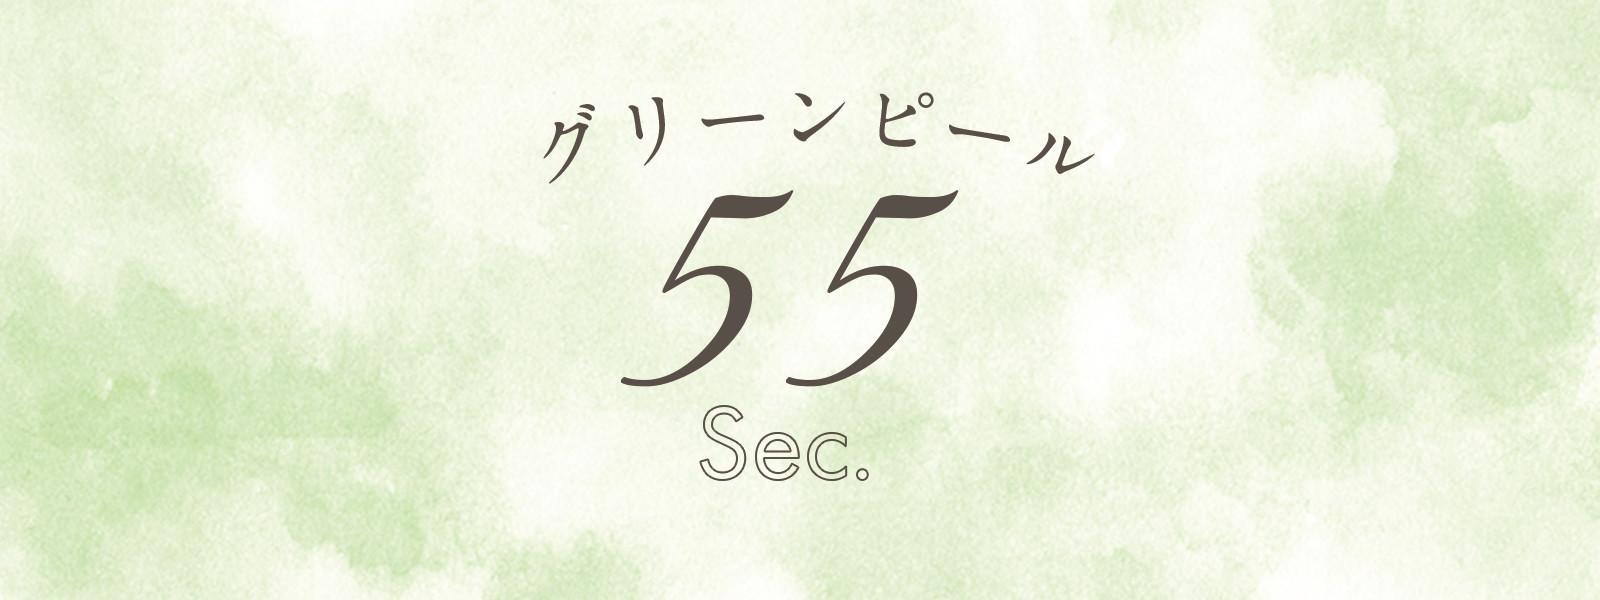 グリーンピール55Sec.